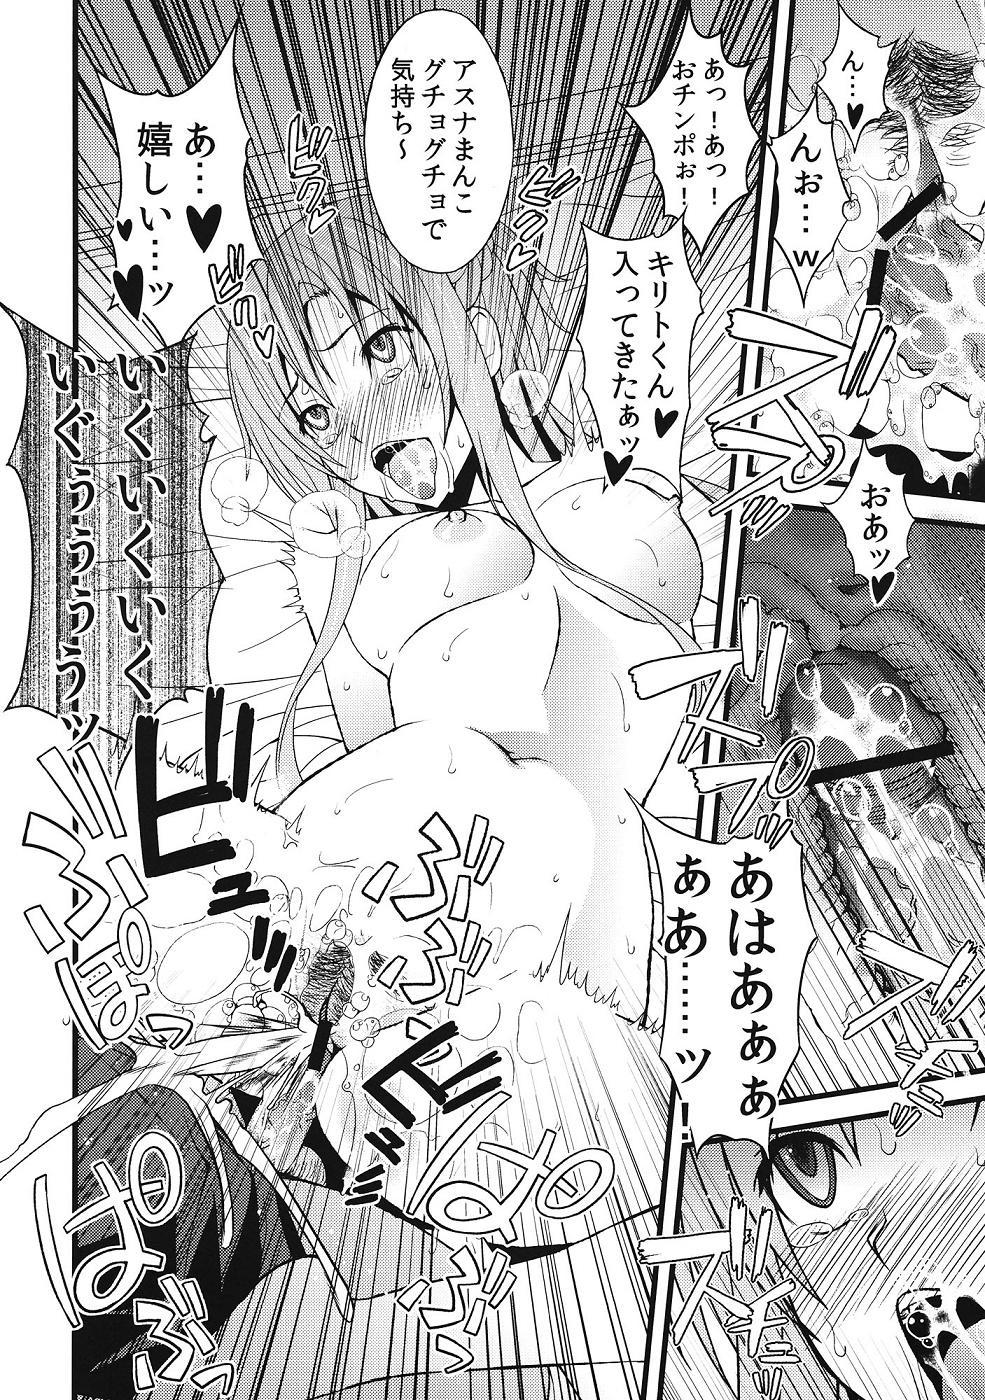 S.A.O no Shin Patch de Seikou Ninshin Shussan ga Kanou ni Natte Yabai...! Asuna NTR hen 10